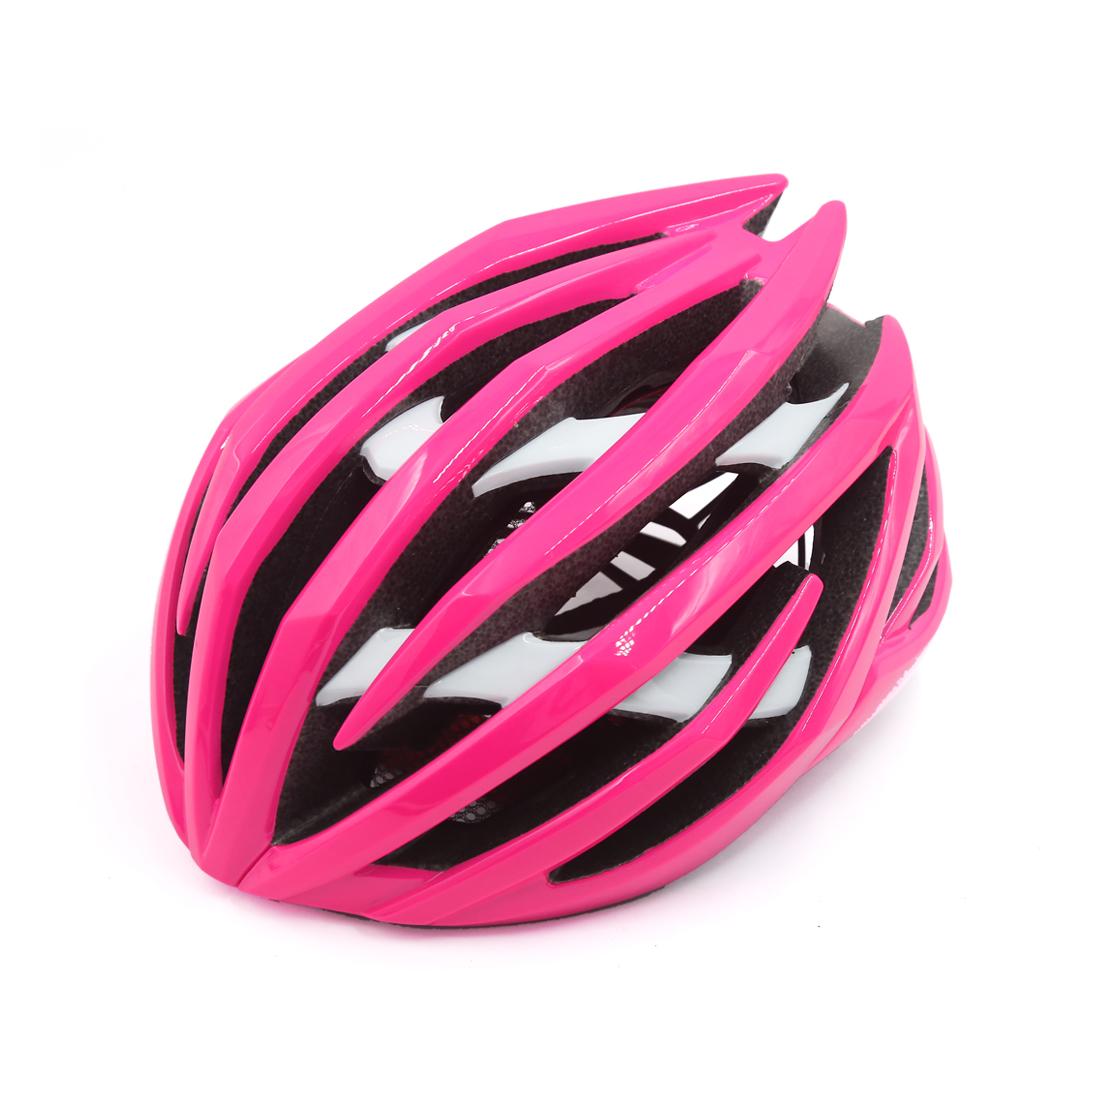 Pink White Shockproof Ultralight Integrally Molded EPS Mountain Bike Helmet